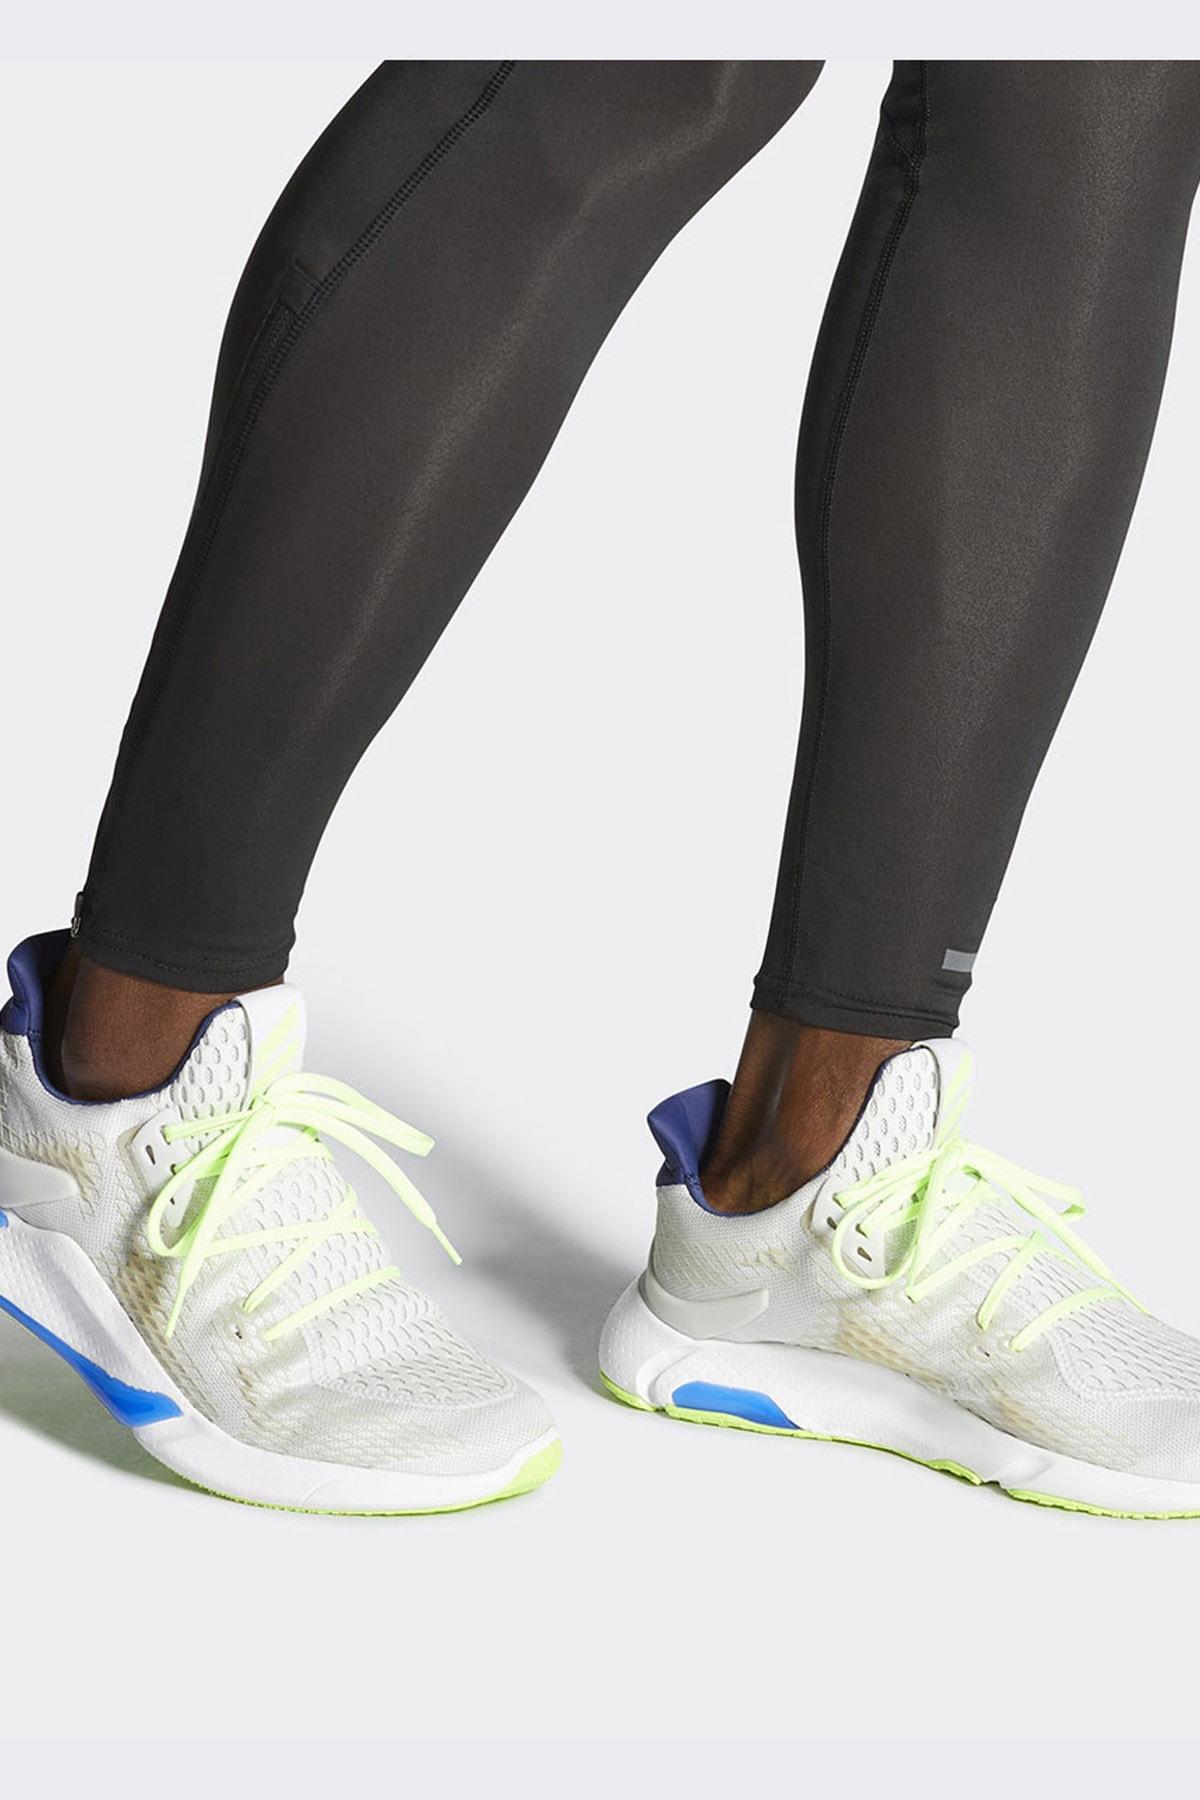 adidas Erkek Günlük Spor Ayakkabı Edge Xt Summer Rdy Eg1403 2